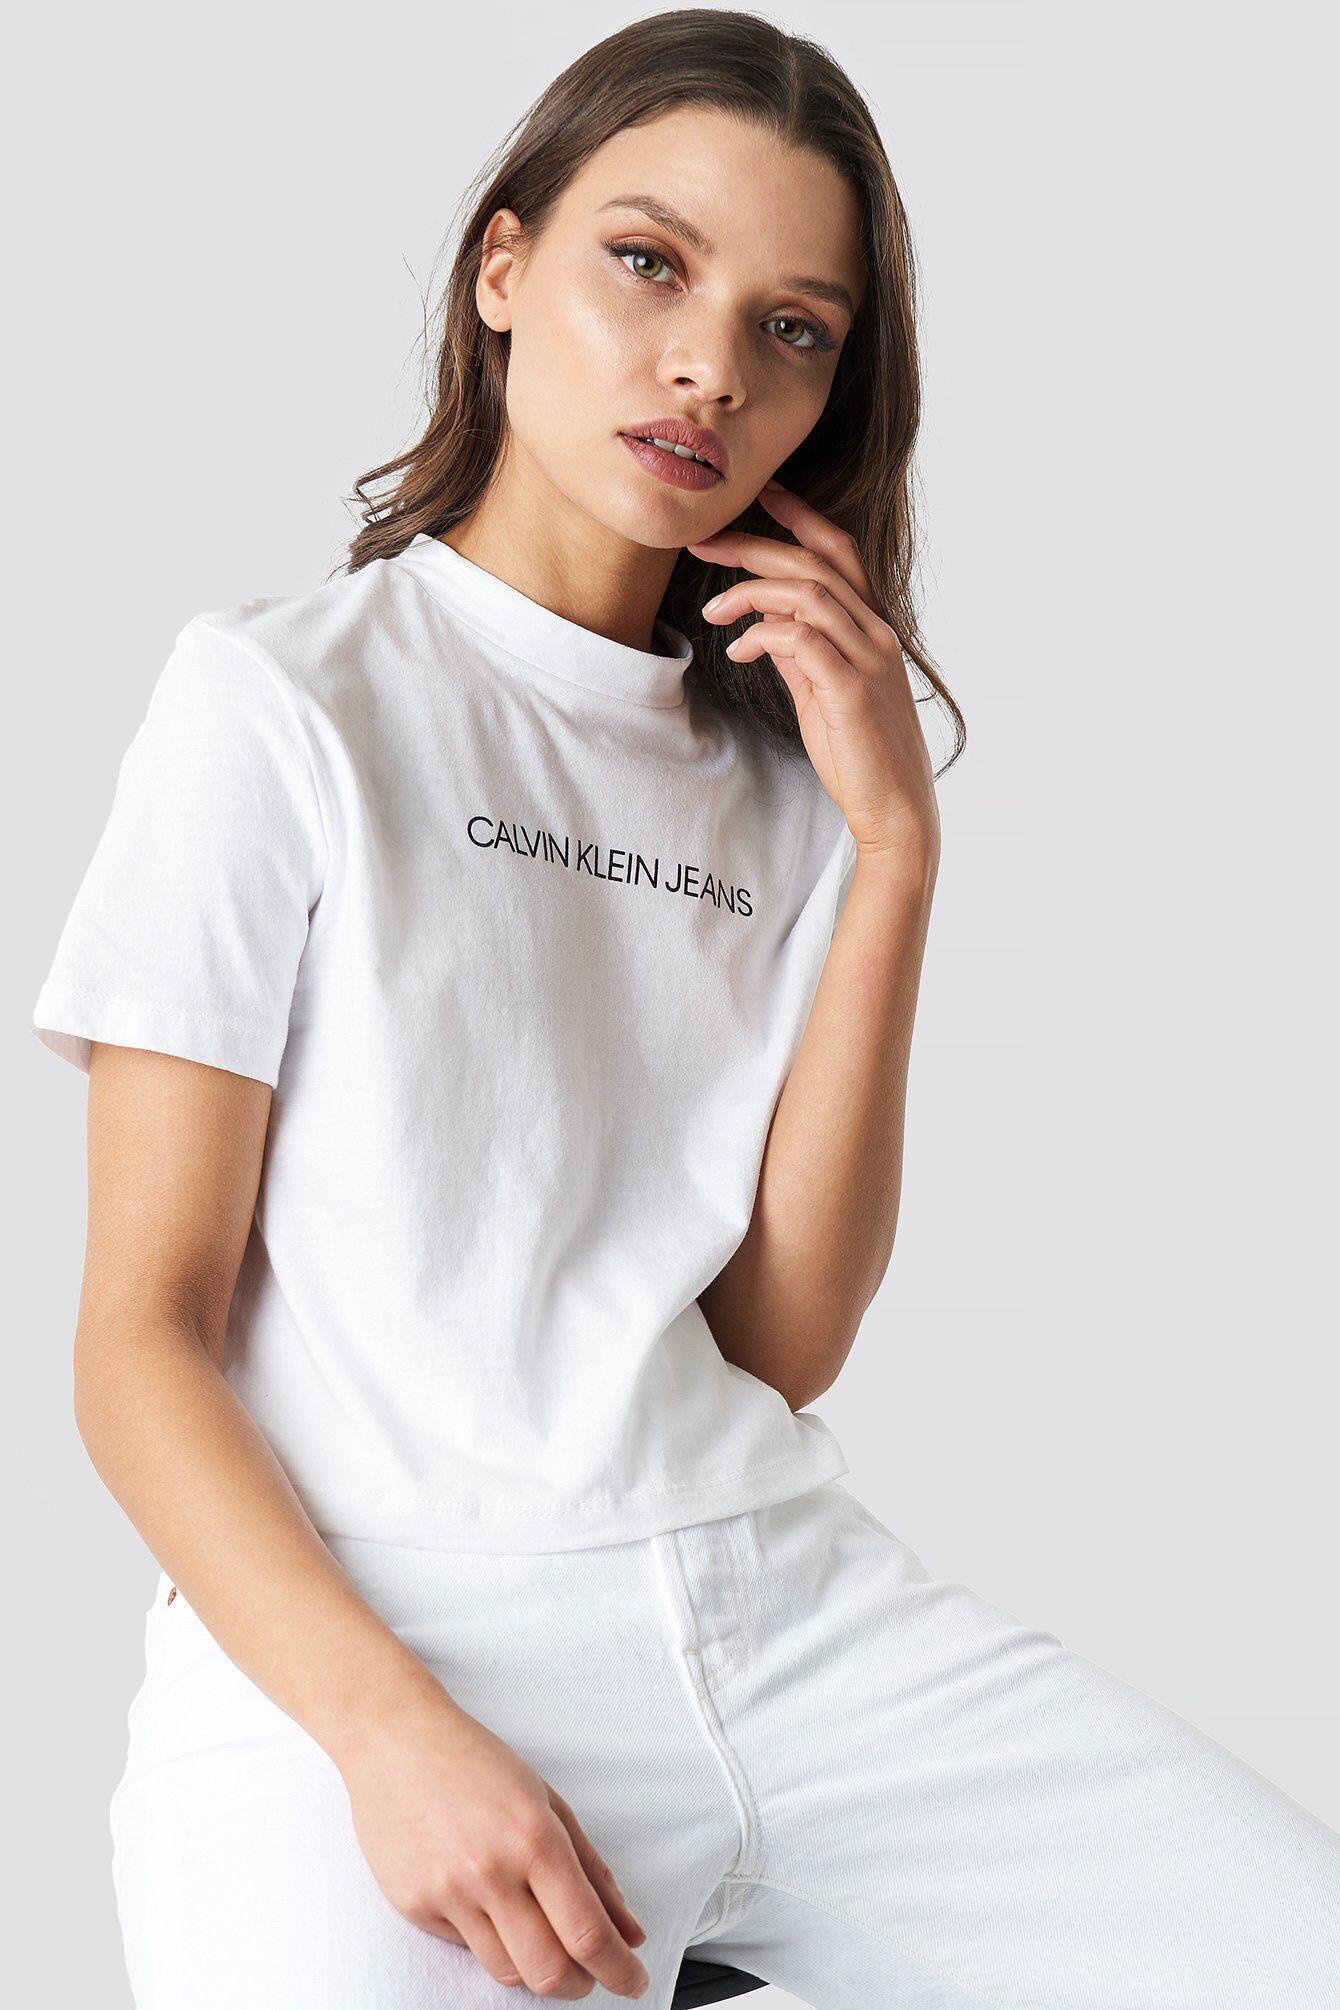 Calvin Klein Shrunken Institutional Crop Tee - White  - Size: Small